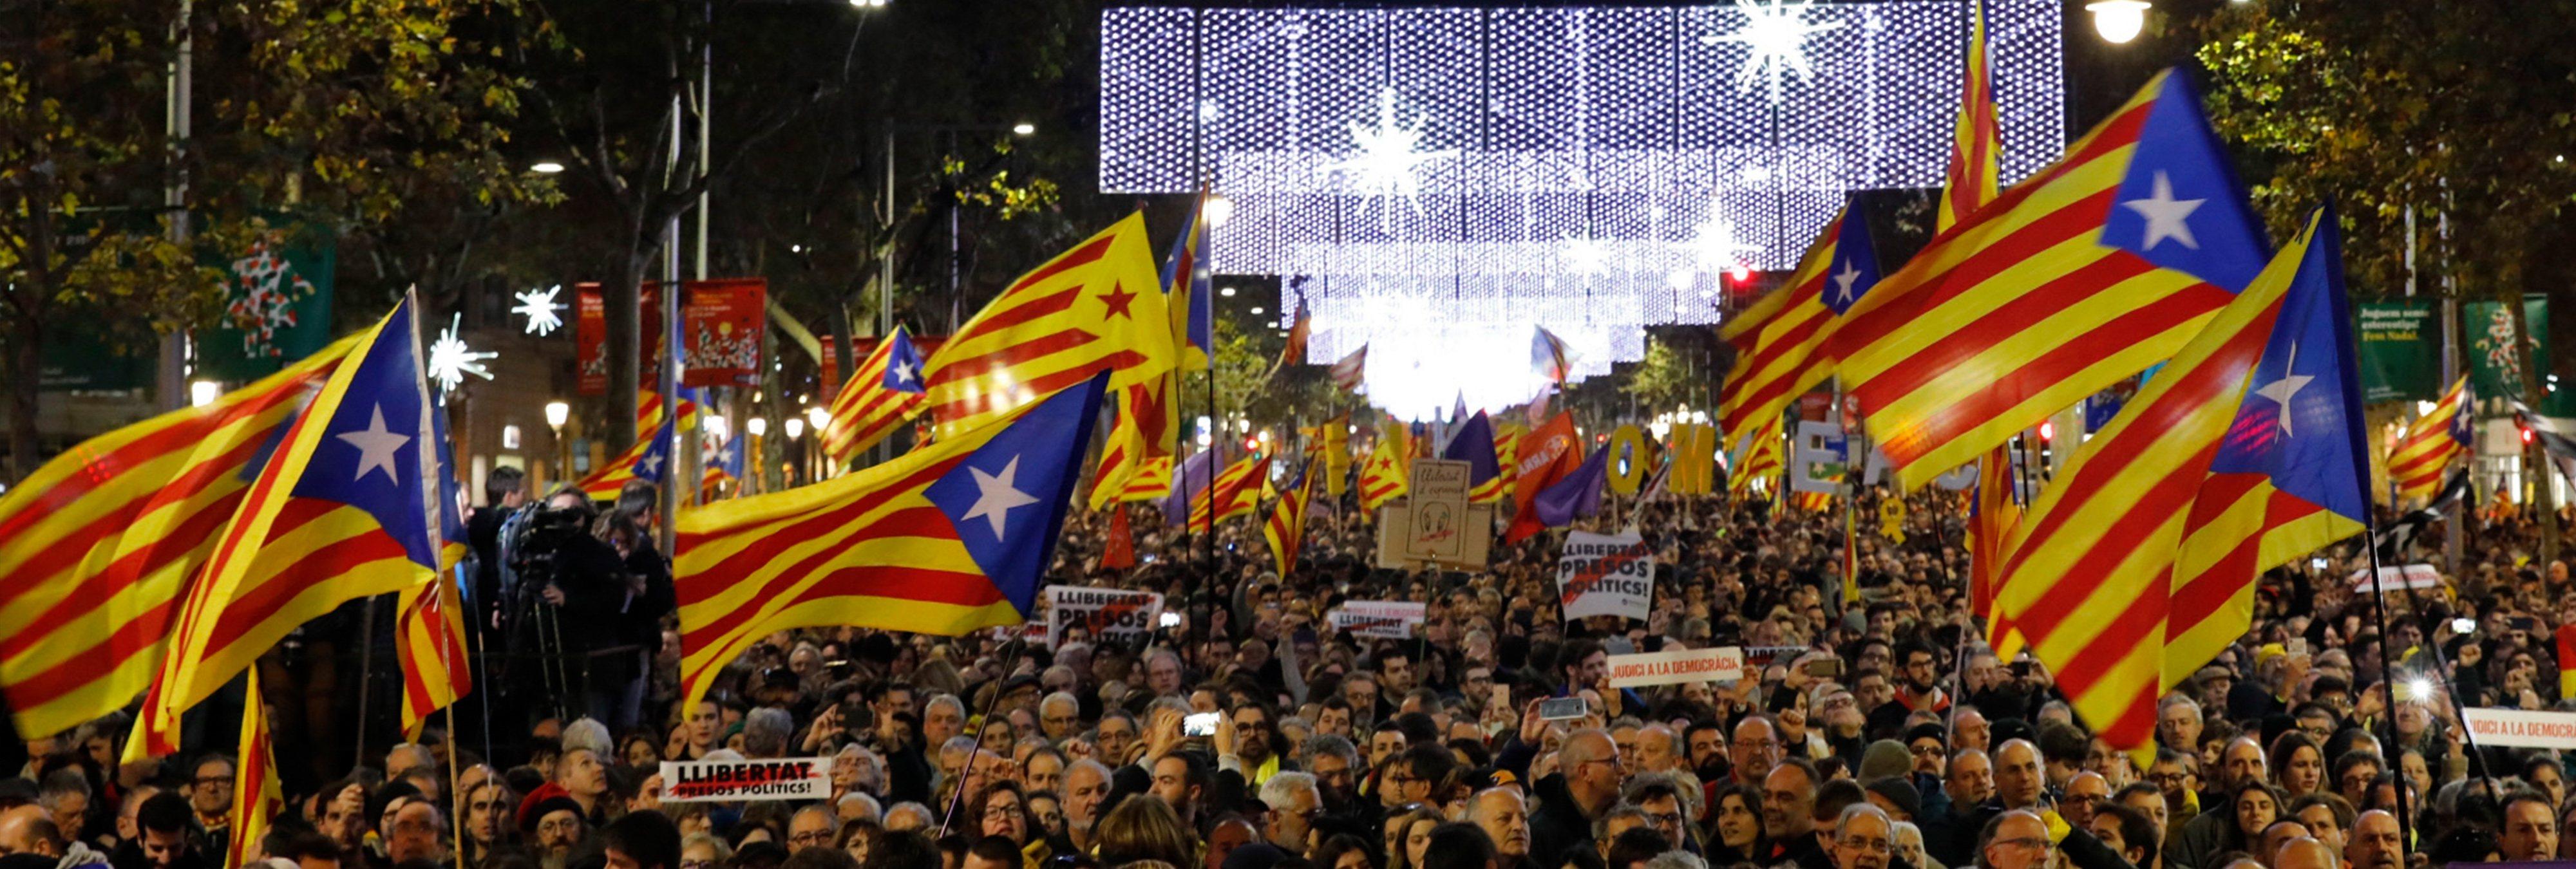 5 claves para entender el juicio del procés independentista catalán